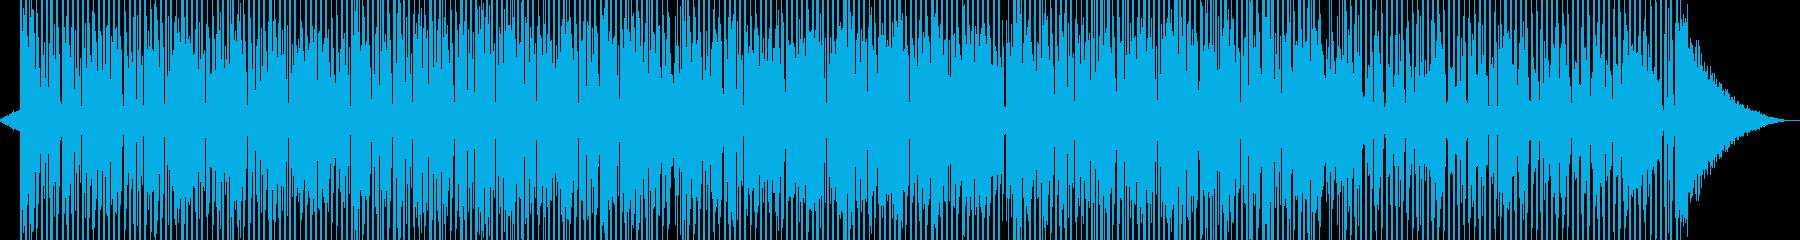 ハウス ダンス プログレッシブ ゆ...の再生済みの波形